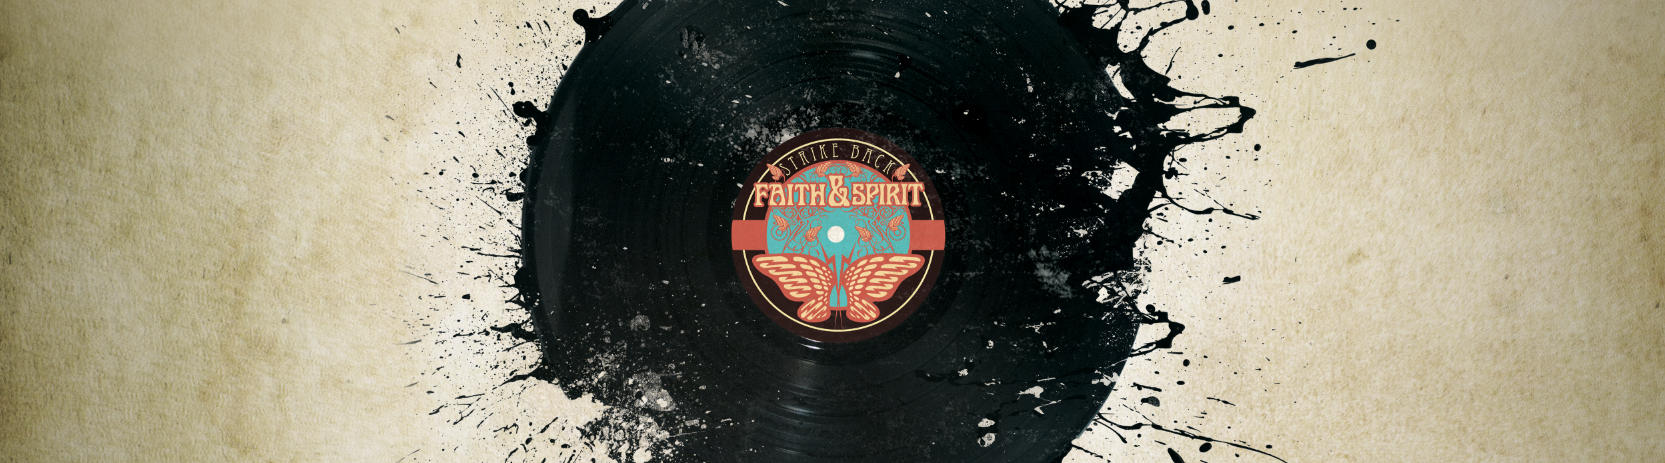 R122-Vinyl-Poster-v2-3